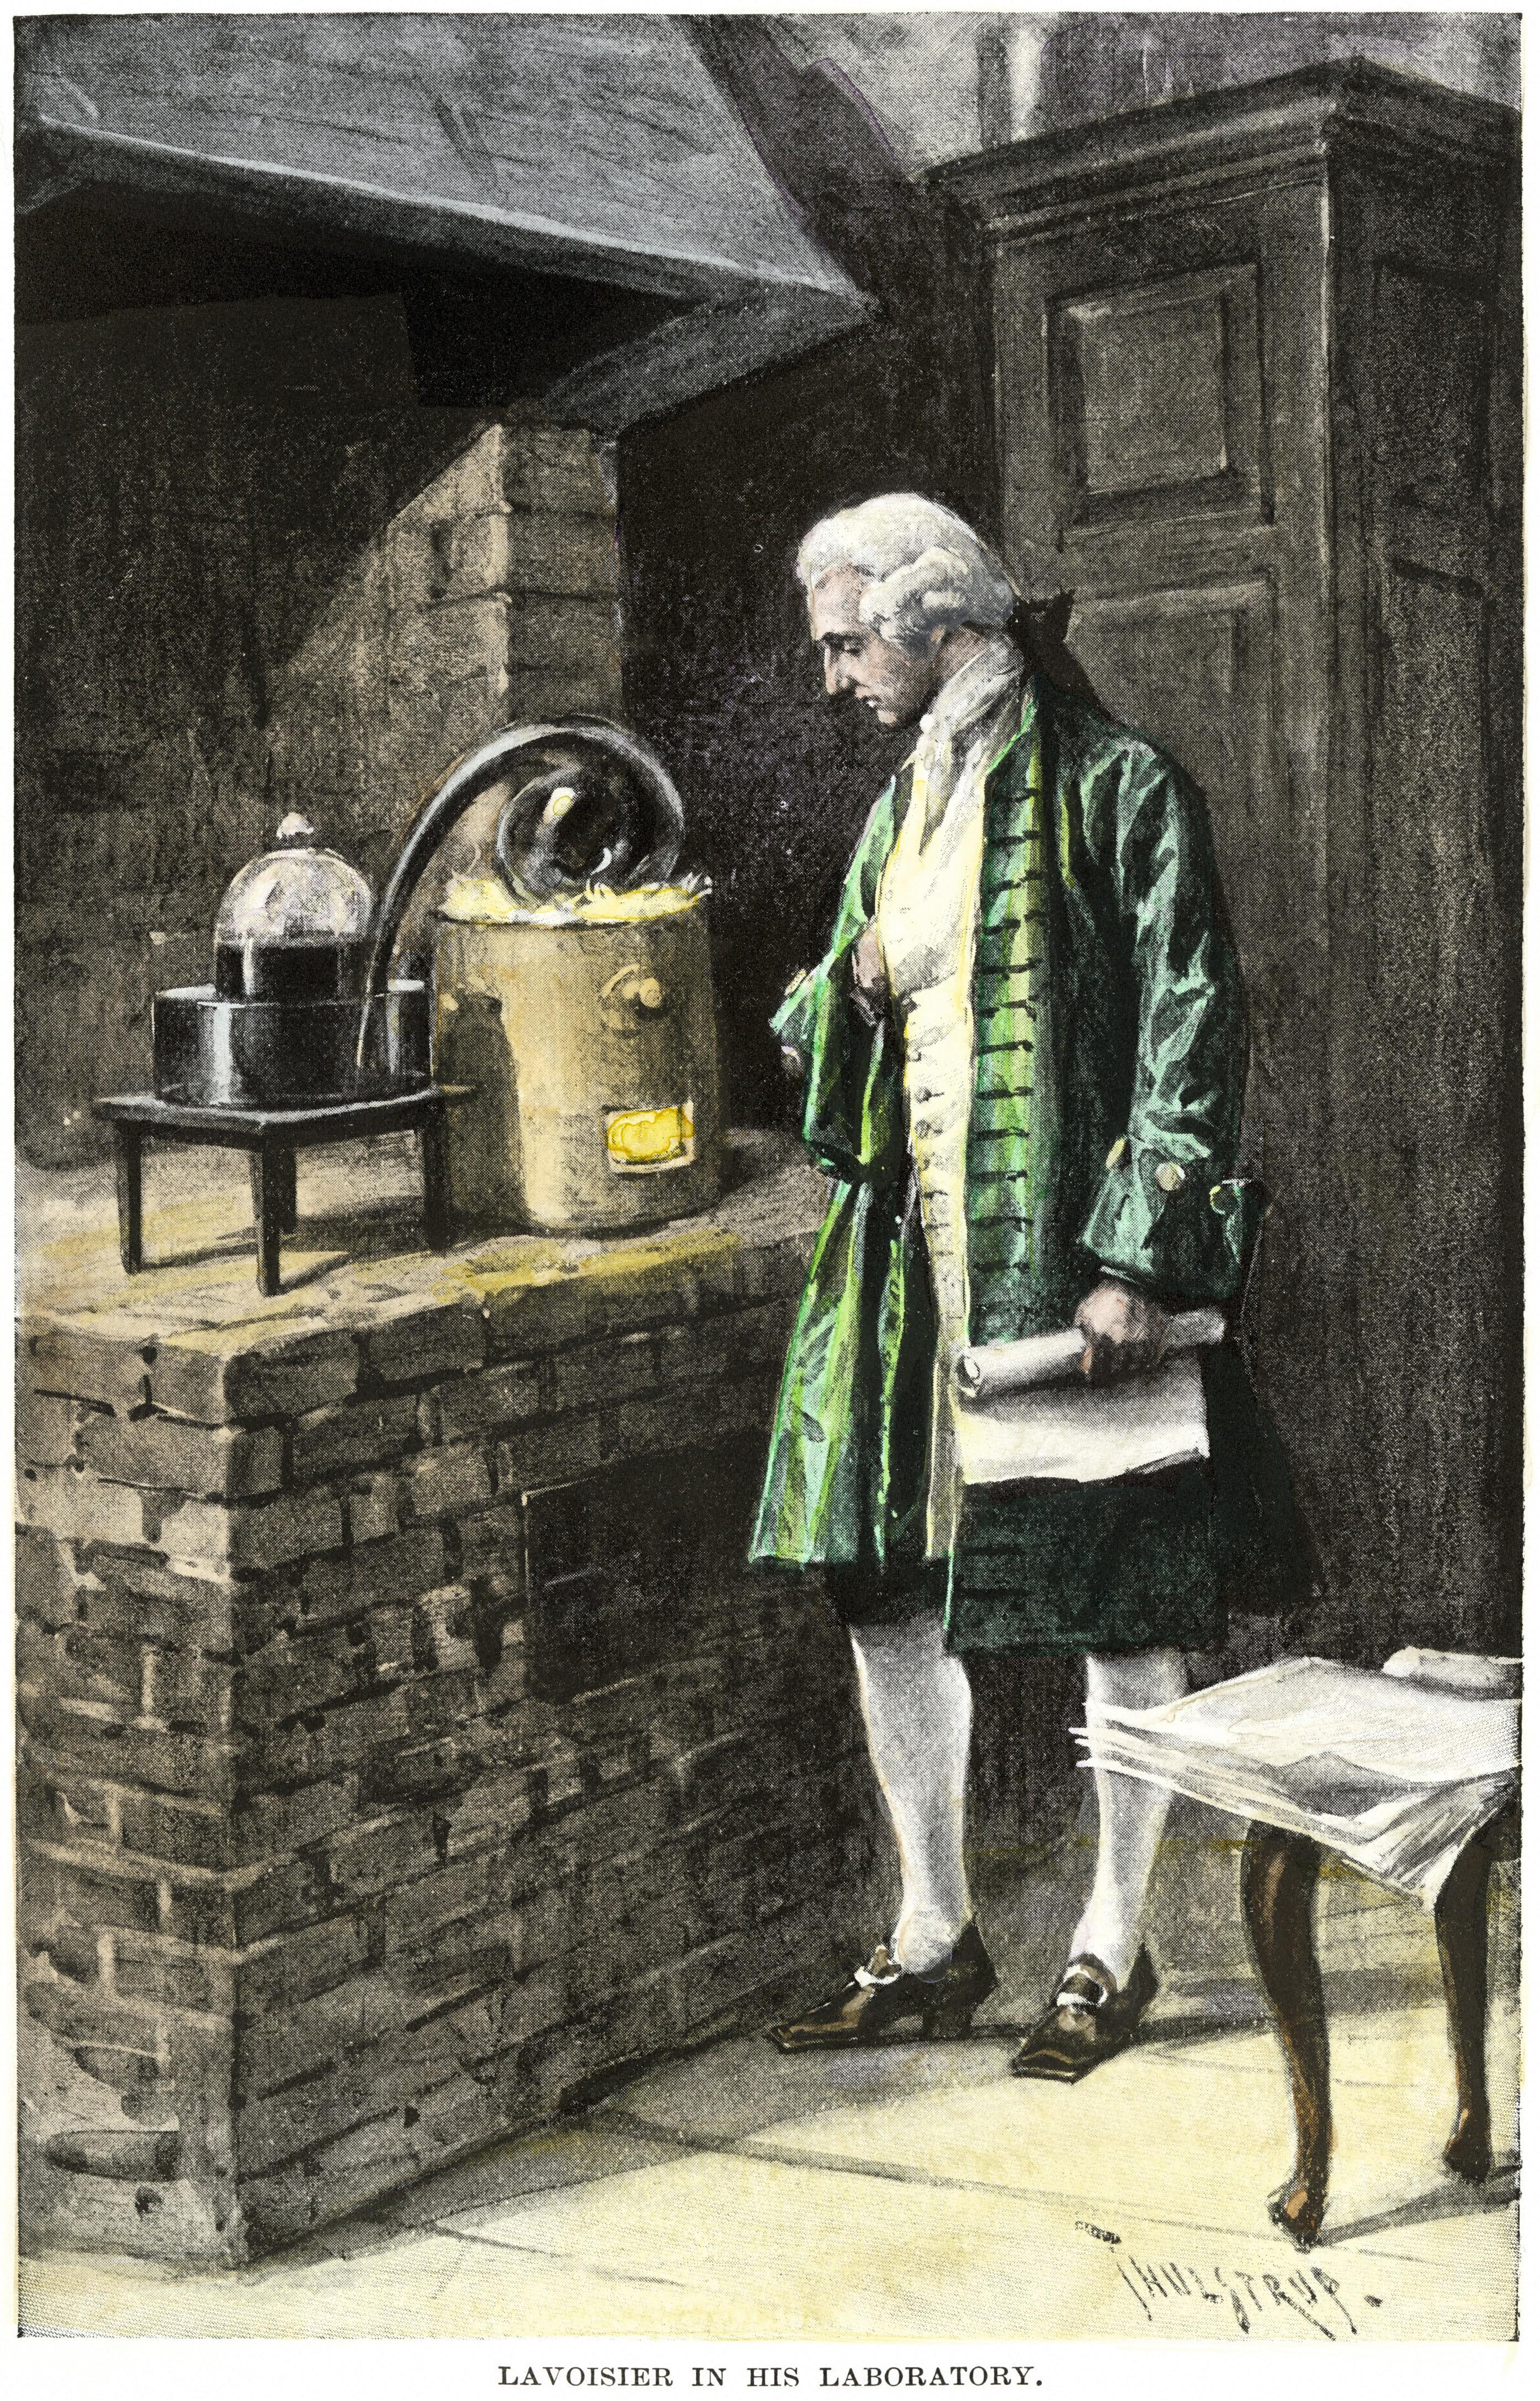 Expérience de Lavoisier